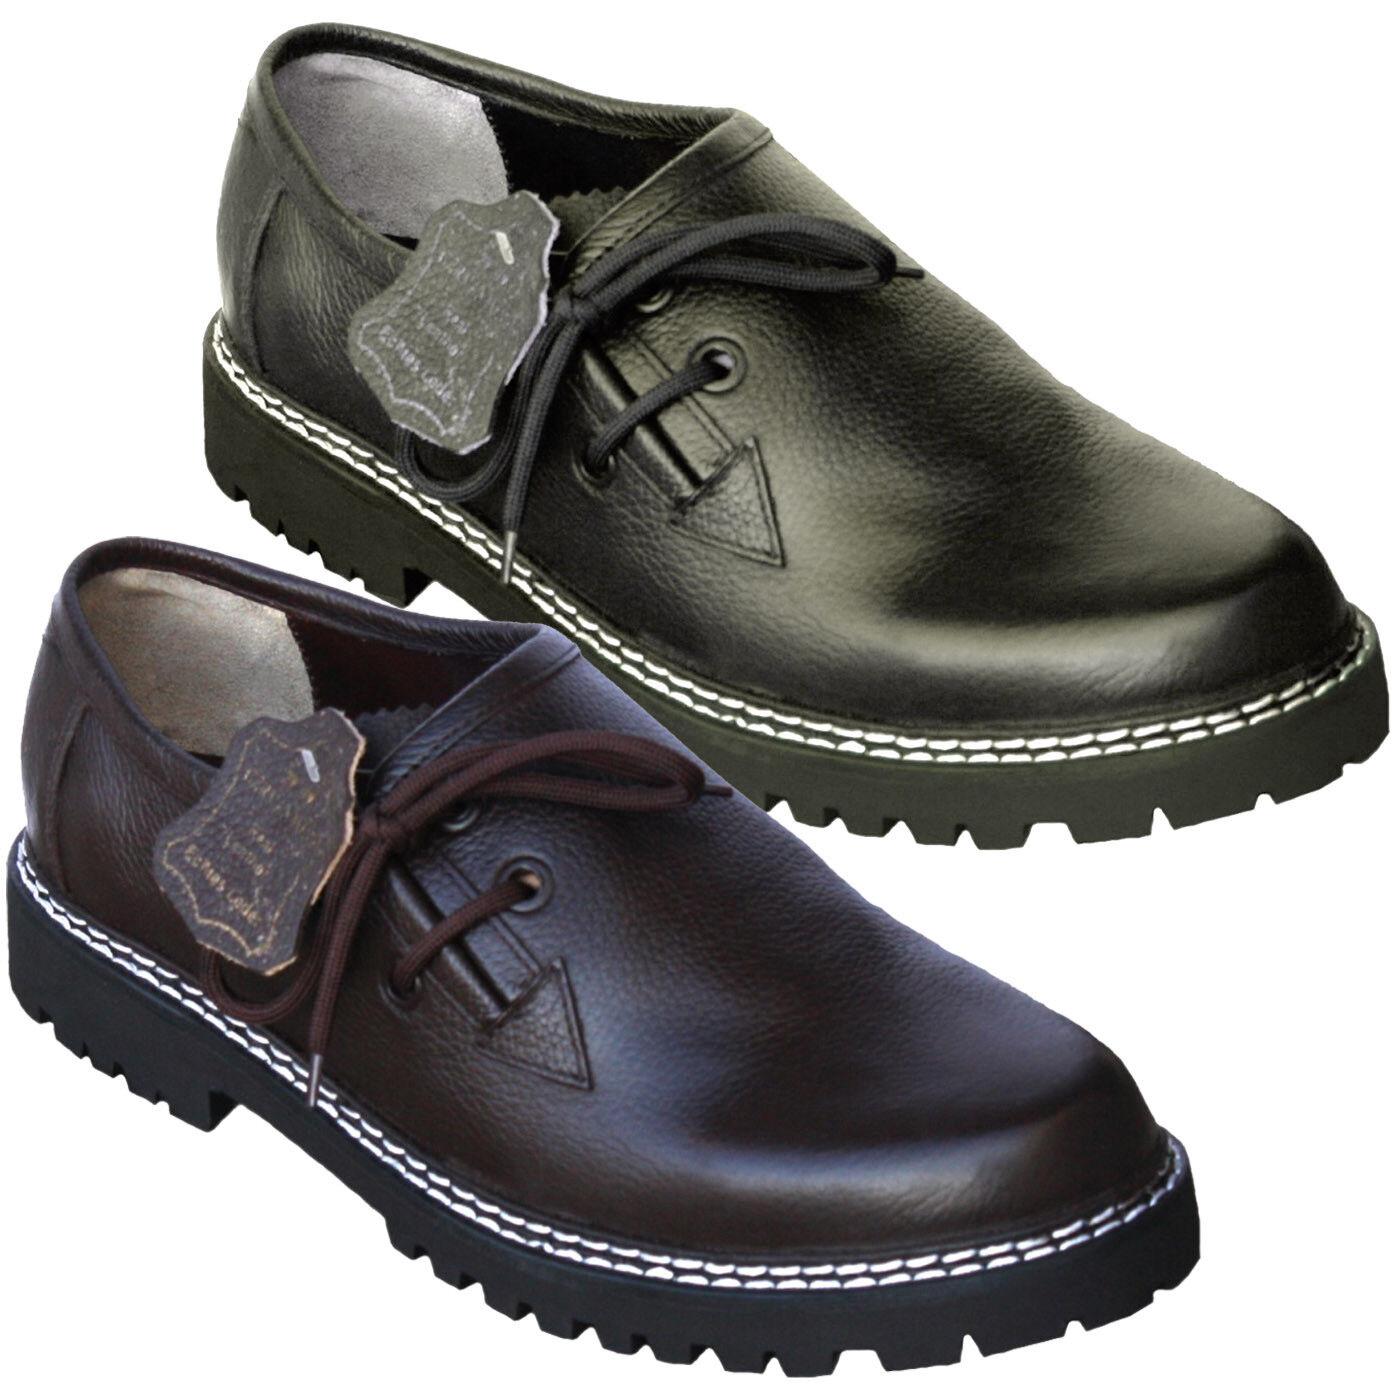 Gerhomme Wear, haferlchaussures costumes Chaussures Chaussures en cuir d'origine-handmachart